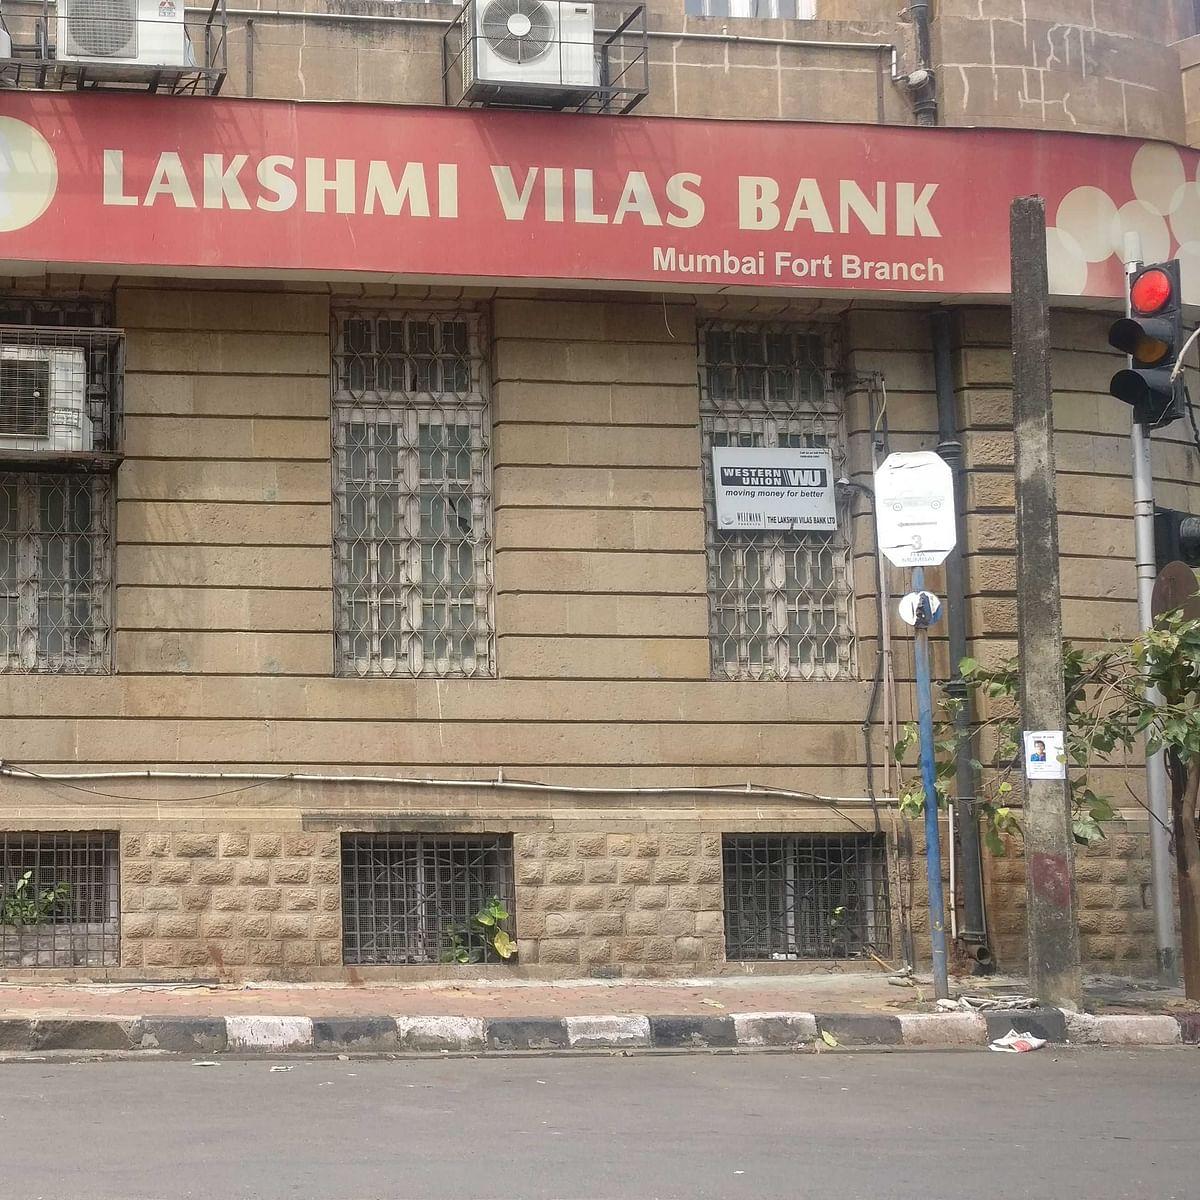 Lakshmi Vilas Bank: A Stitch In Time